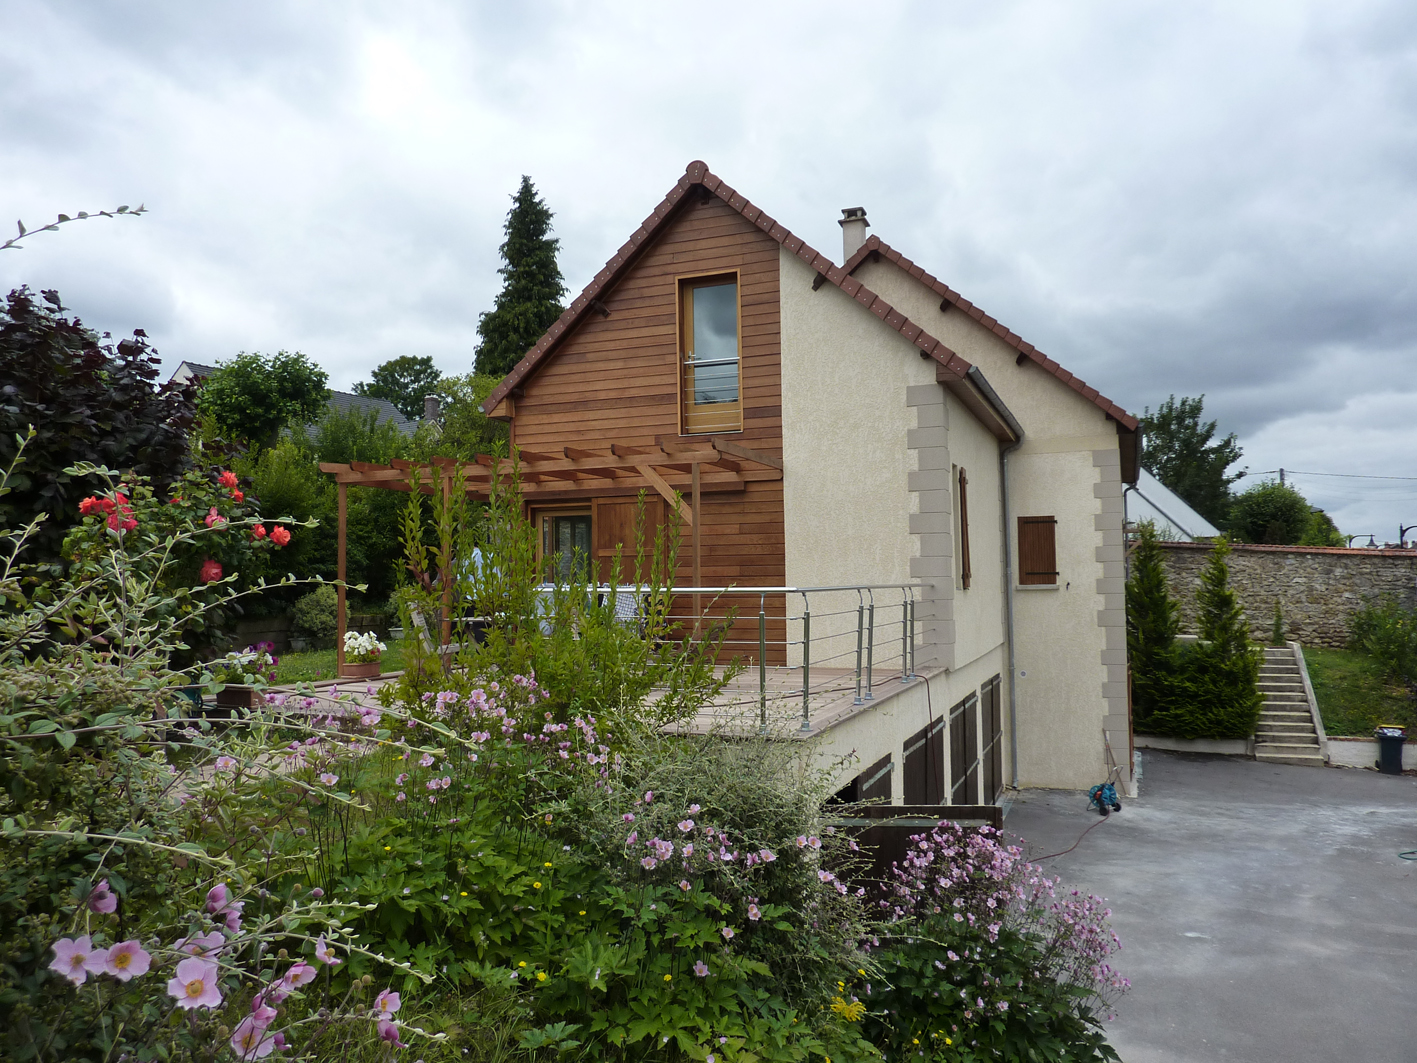 Maison bois Yvelines Architecte Maison Bois Paris Alsace # Maison Bois Architecte